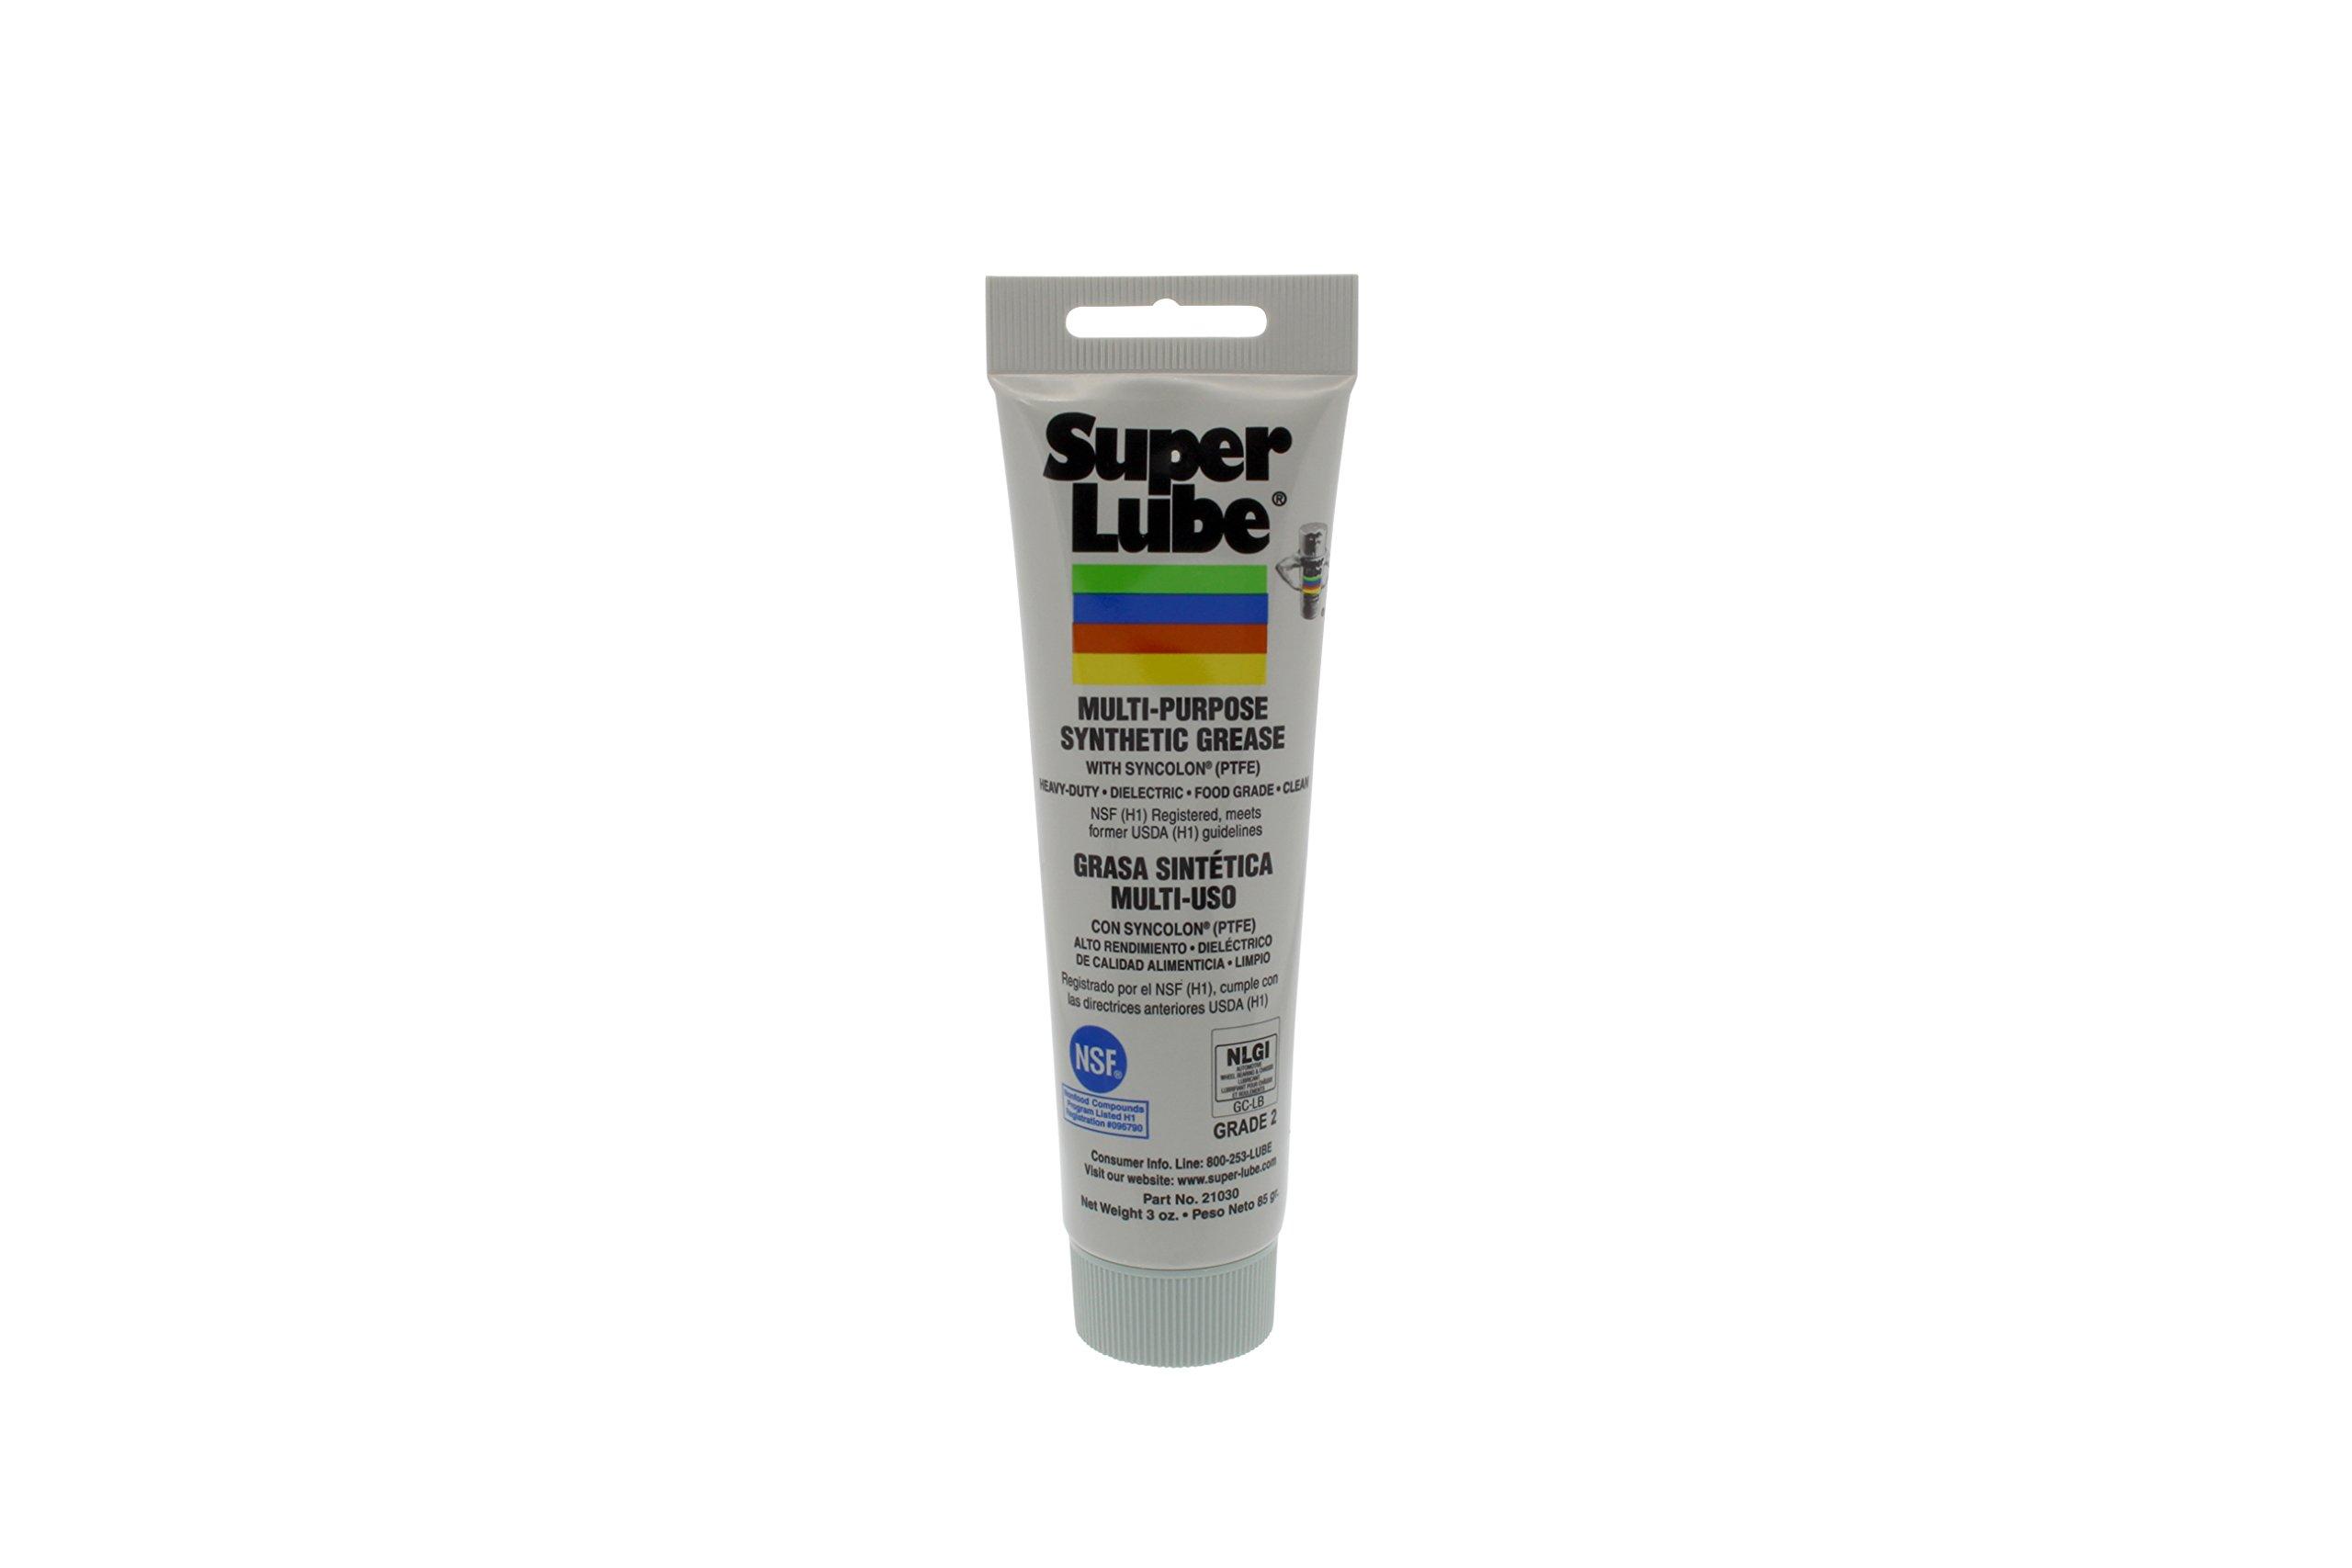 Super Lube 21030 Translucent White Color 3 oz. Automotive Accessories